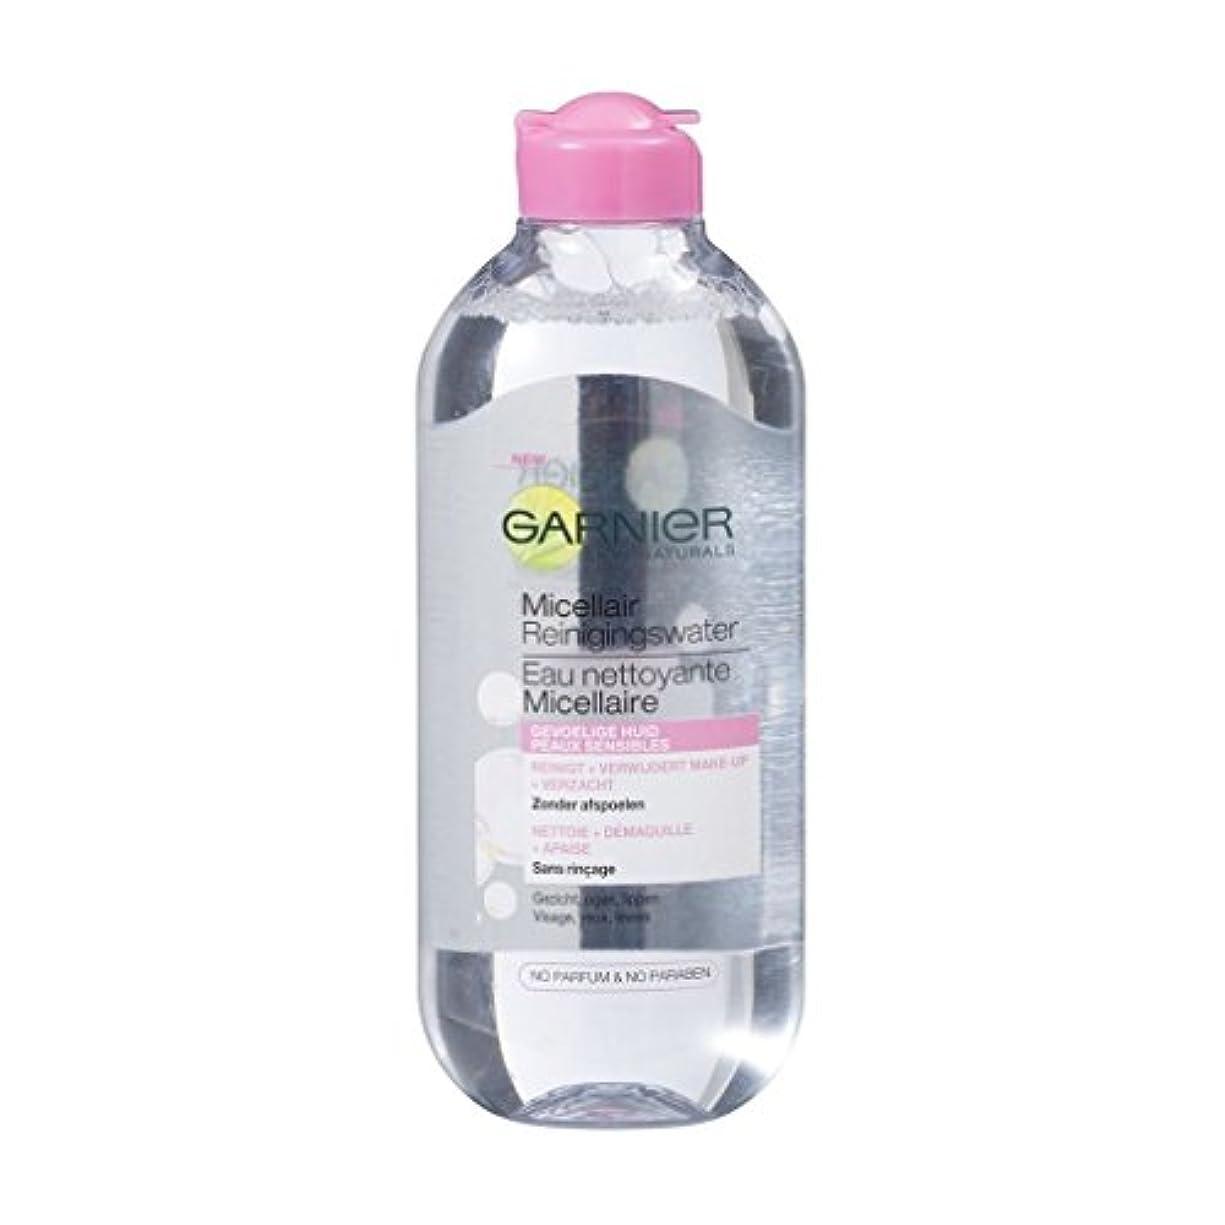 レール六真剣にガルニエ SkinActive Micellar Water (No Perfume & Paraben) - For Sensitive Skin 400ml/13.3oz並行輸入品